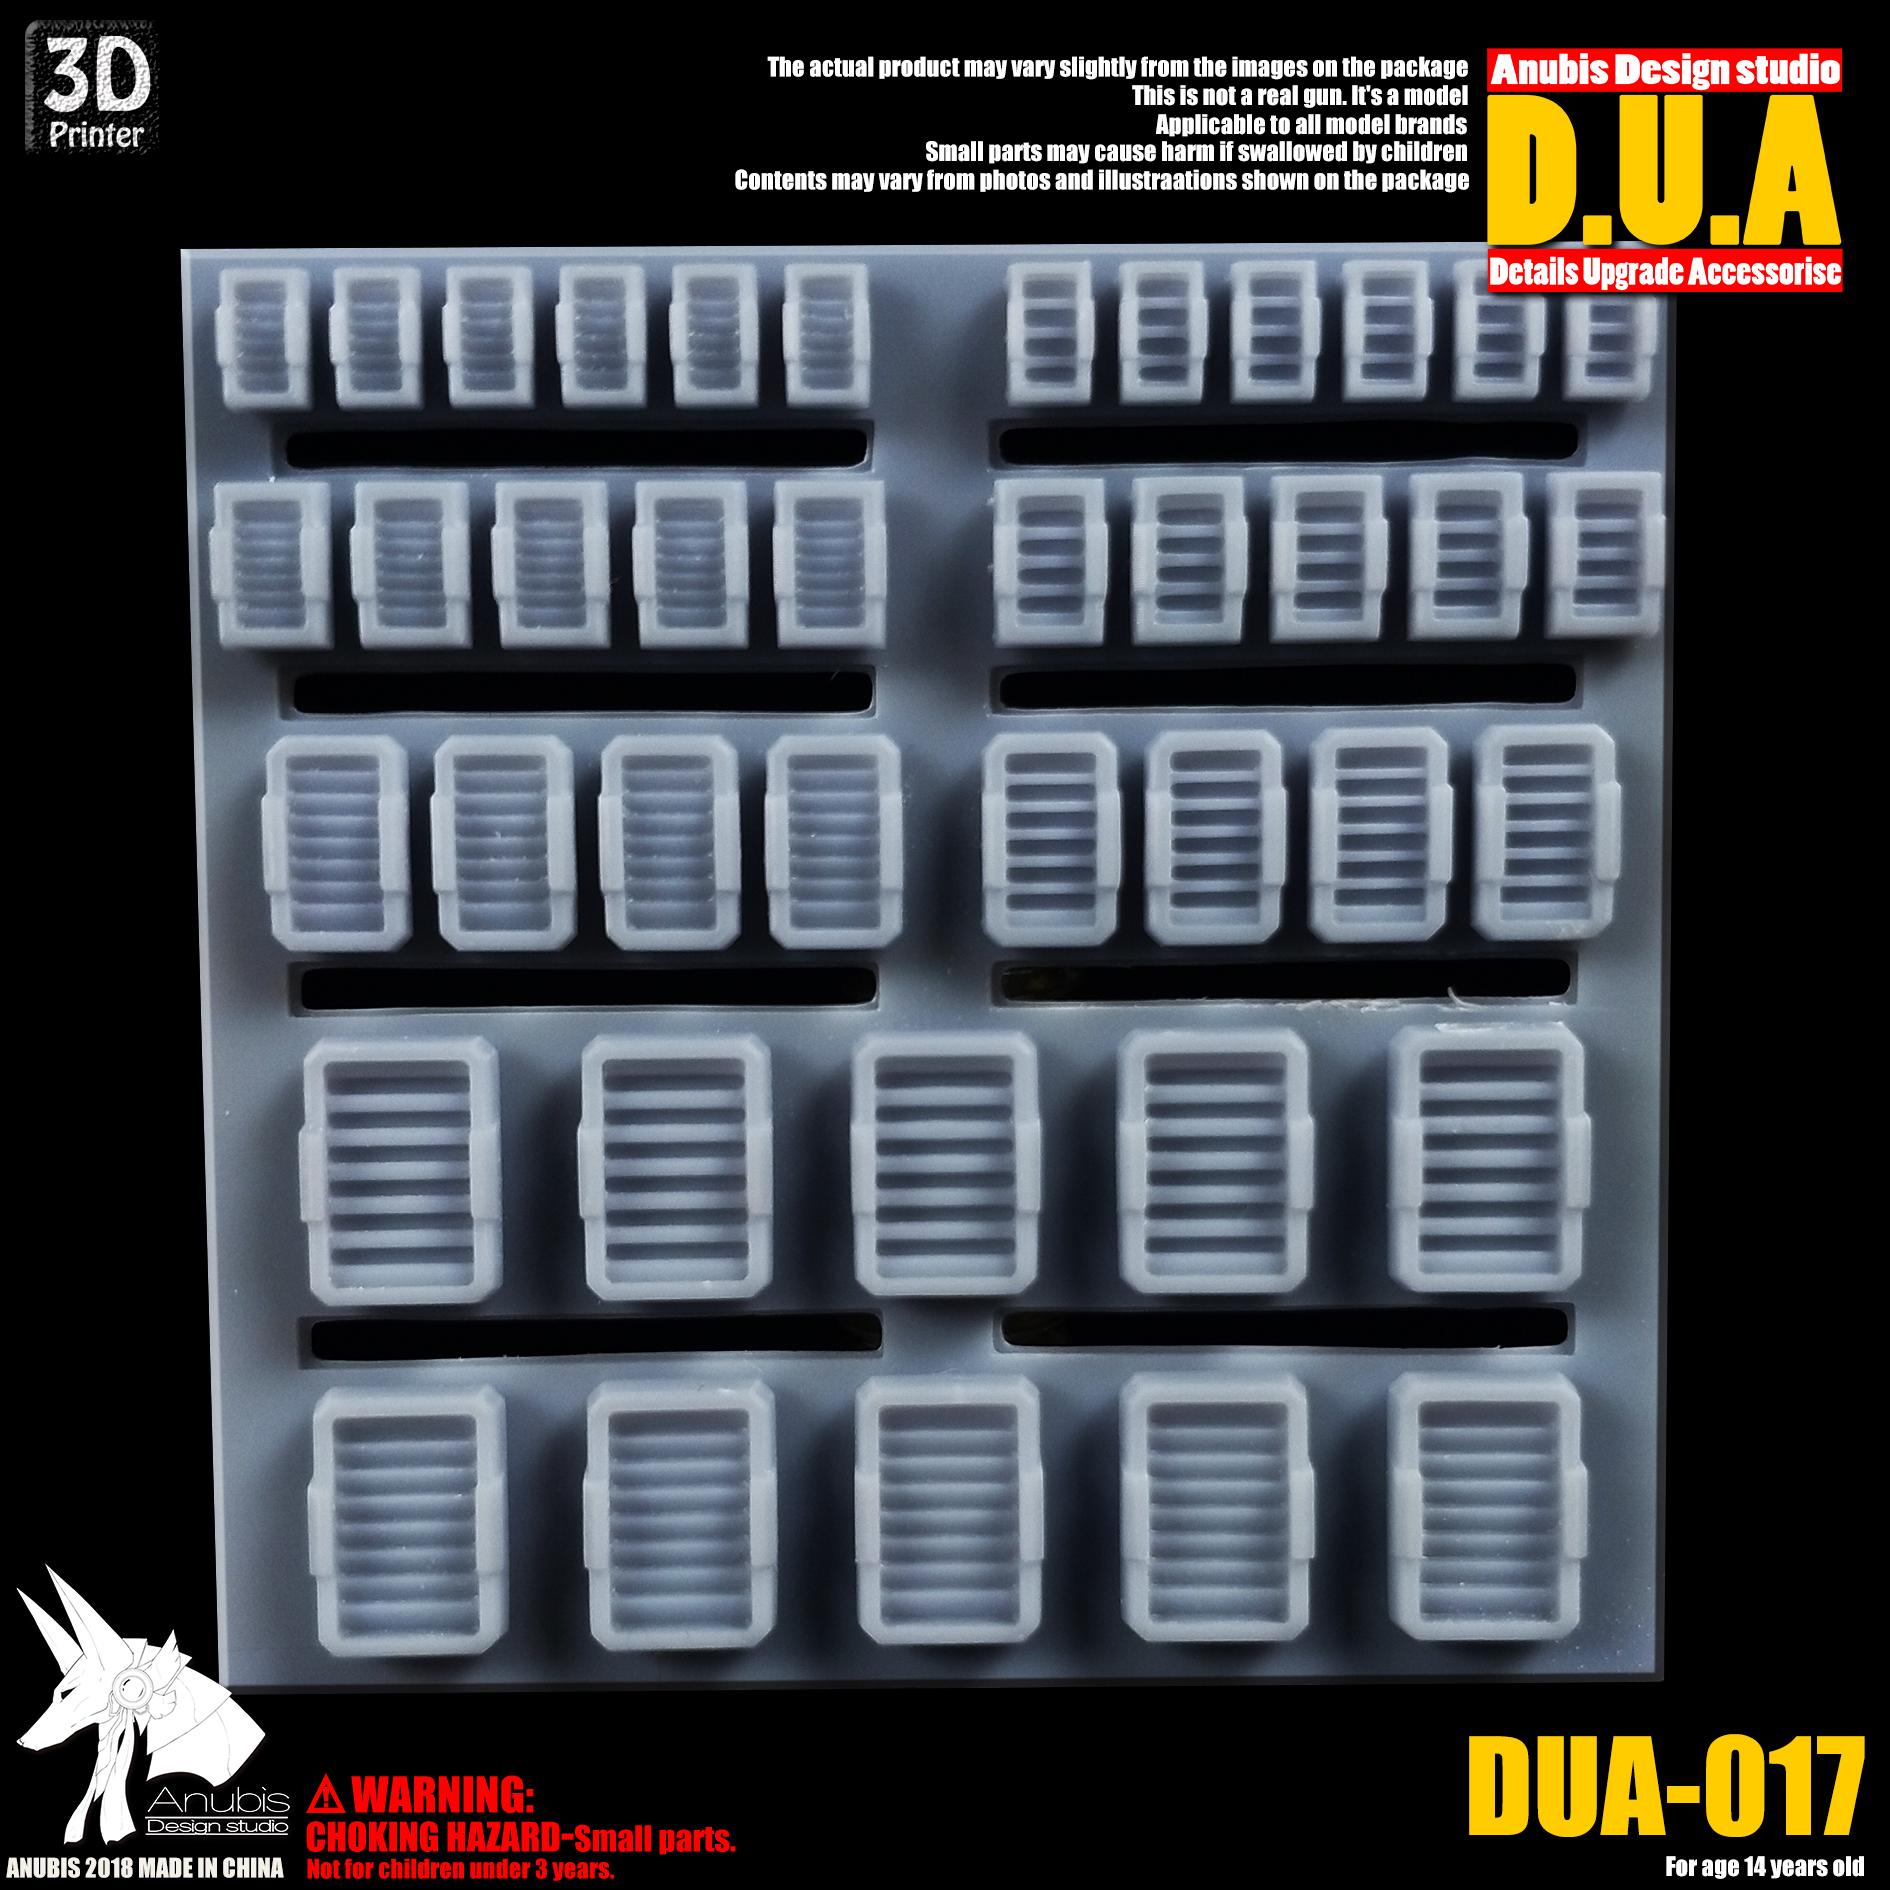 G413_DUA017_002.jpg